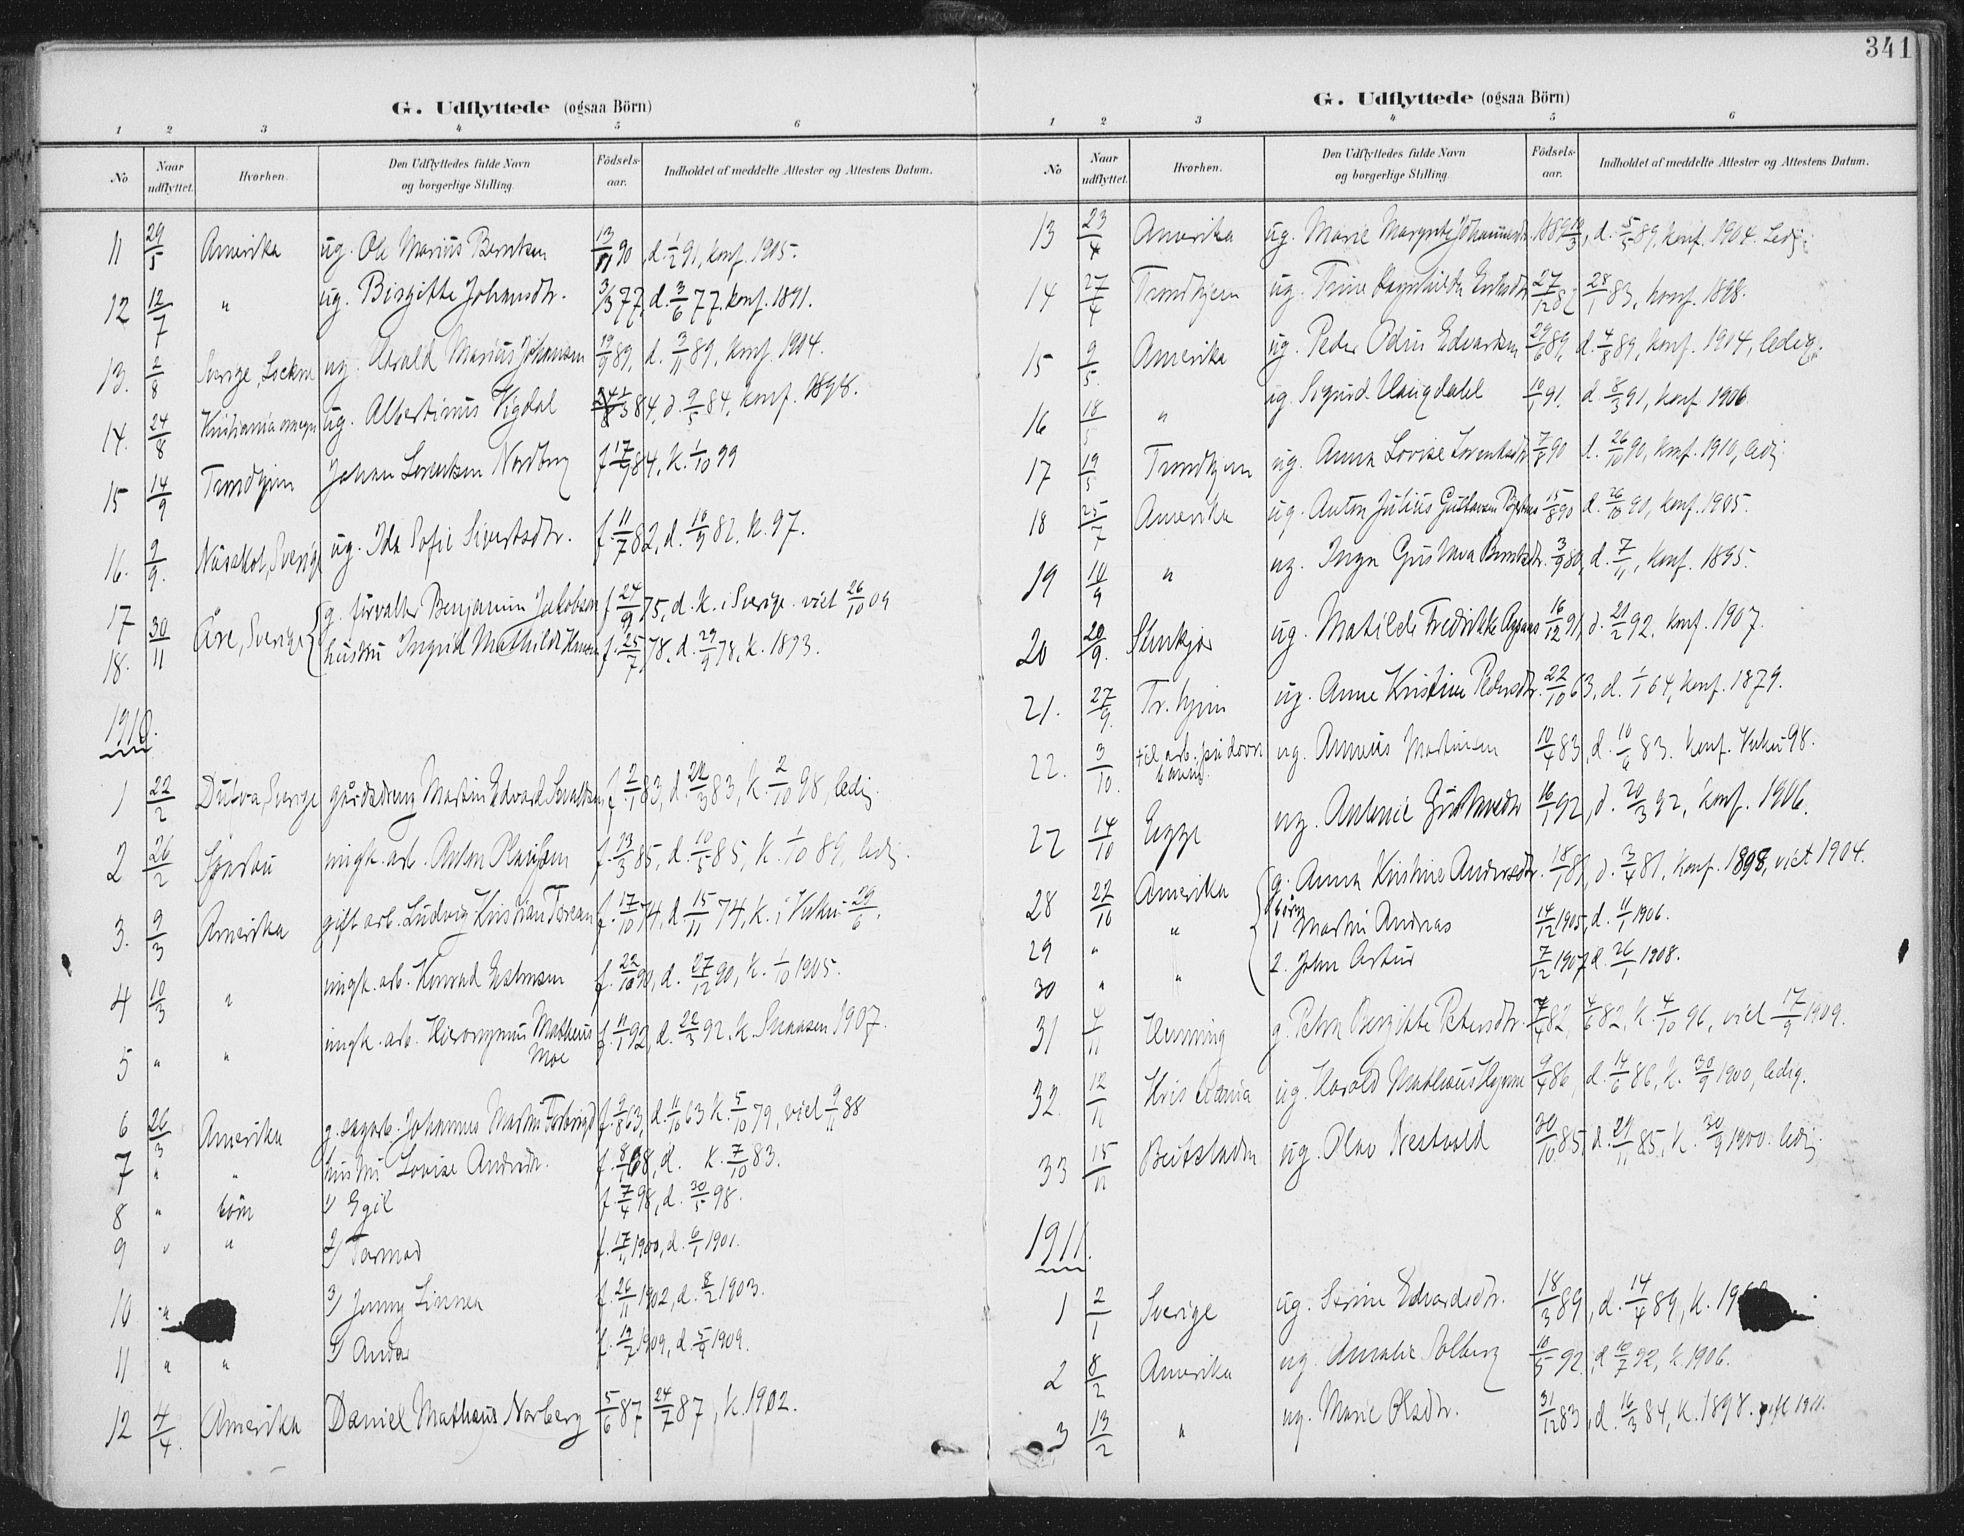 SAT, Ministerialprotokoller, klokkerbøker og fødselsregistre - Nord-Trøndelag, 723/L0246: Ministerialbok nr. 723A15, 1900-1917, s. 341